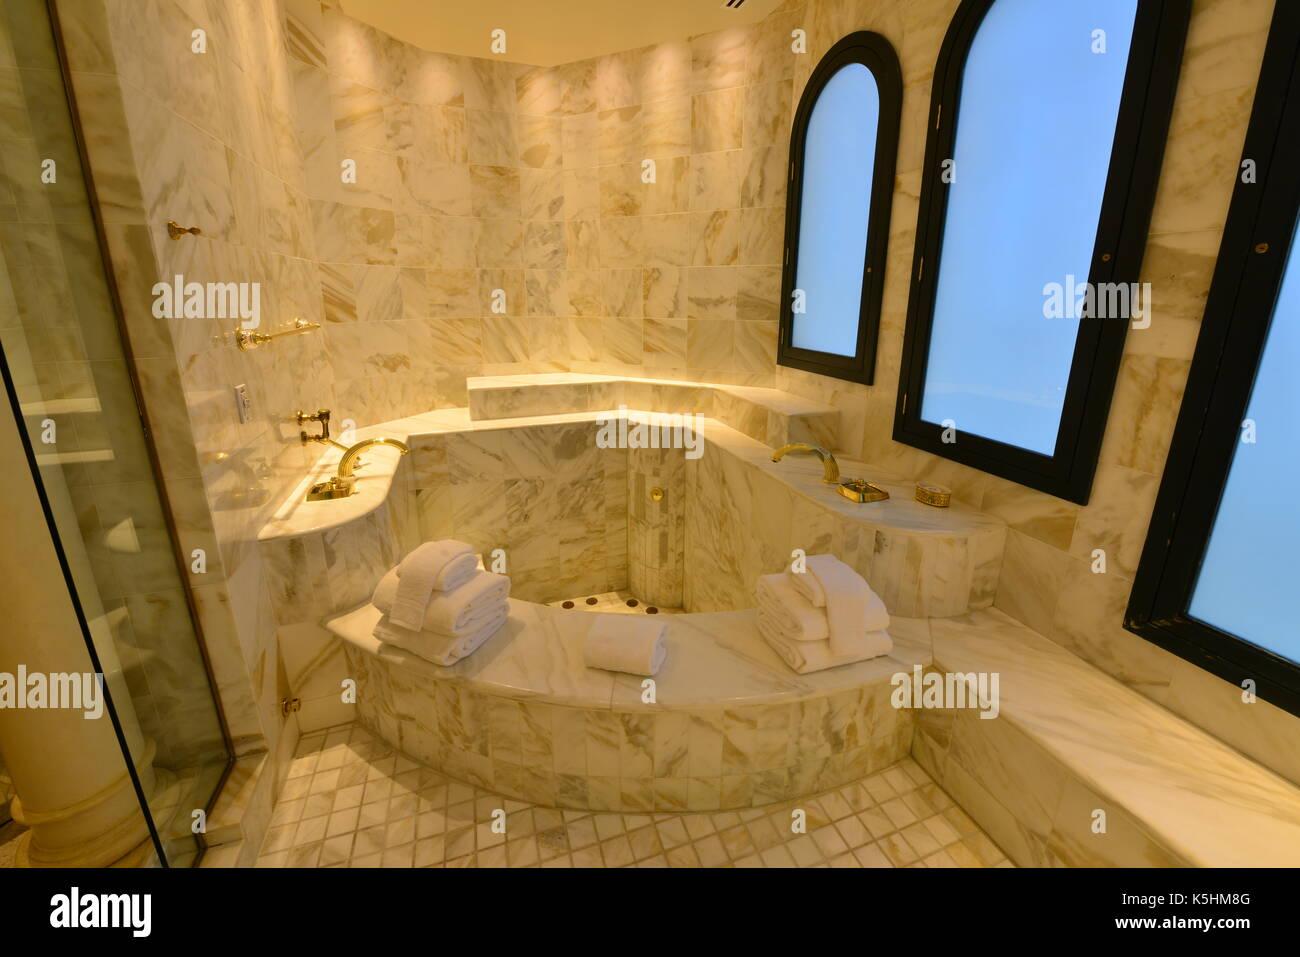 Hauteur Meuble Salle De Bain Vasque A Poser ~ la salle de bains la suite de l h tel hilton qu elvis presley